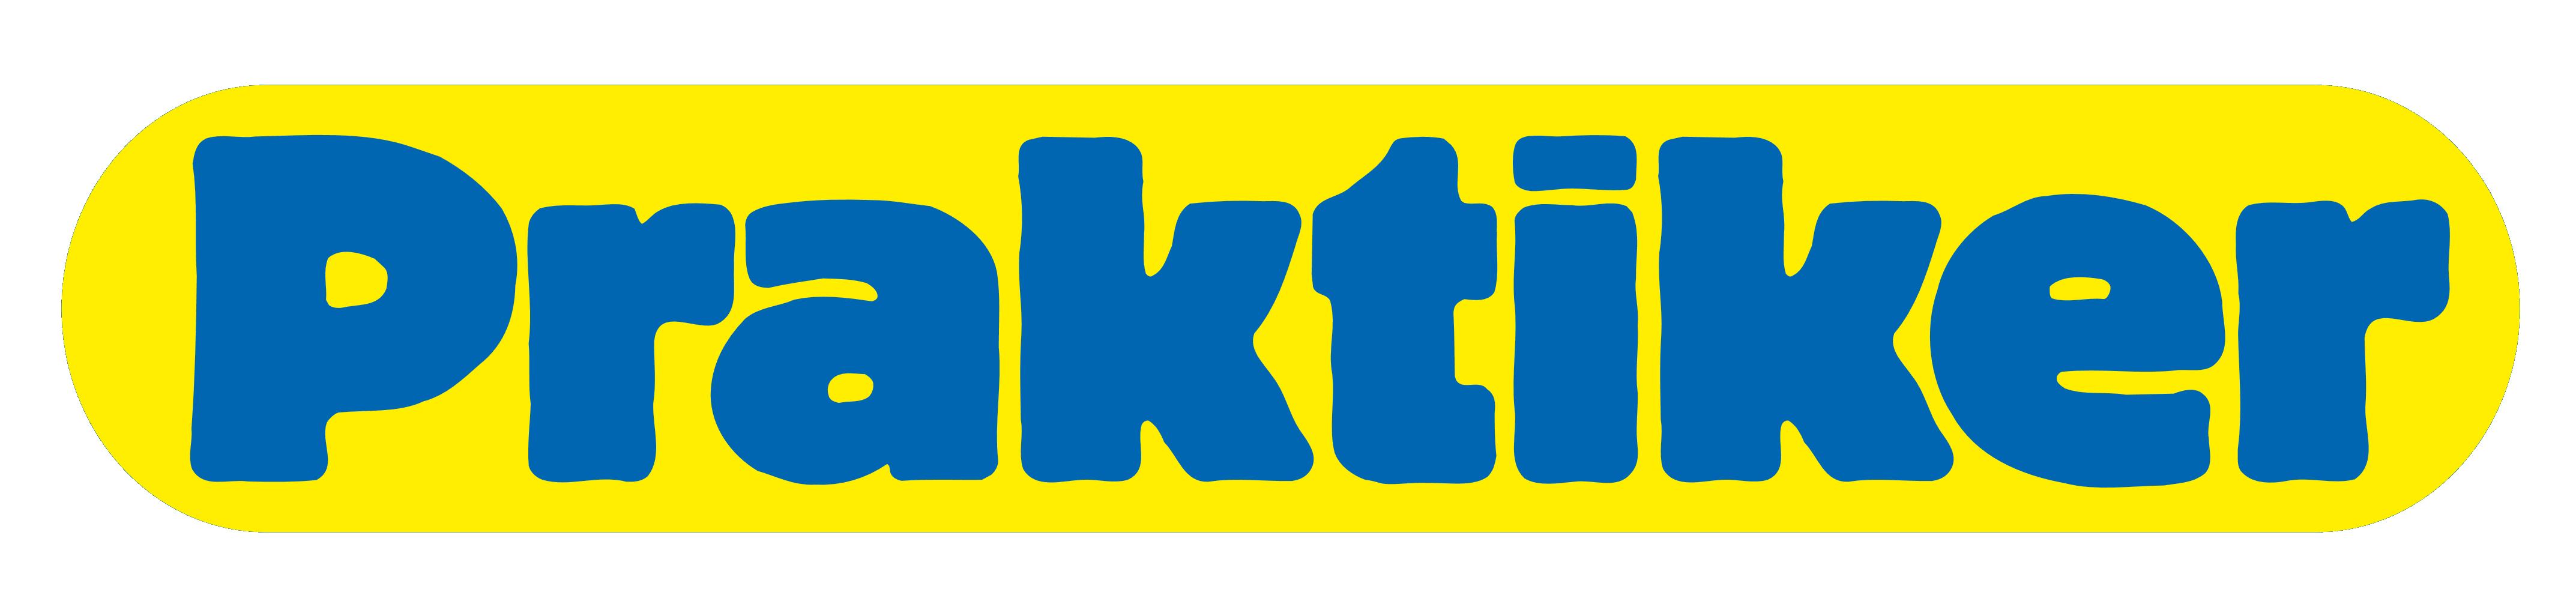 Praktiker – Logos Download